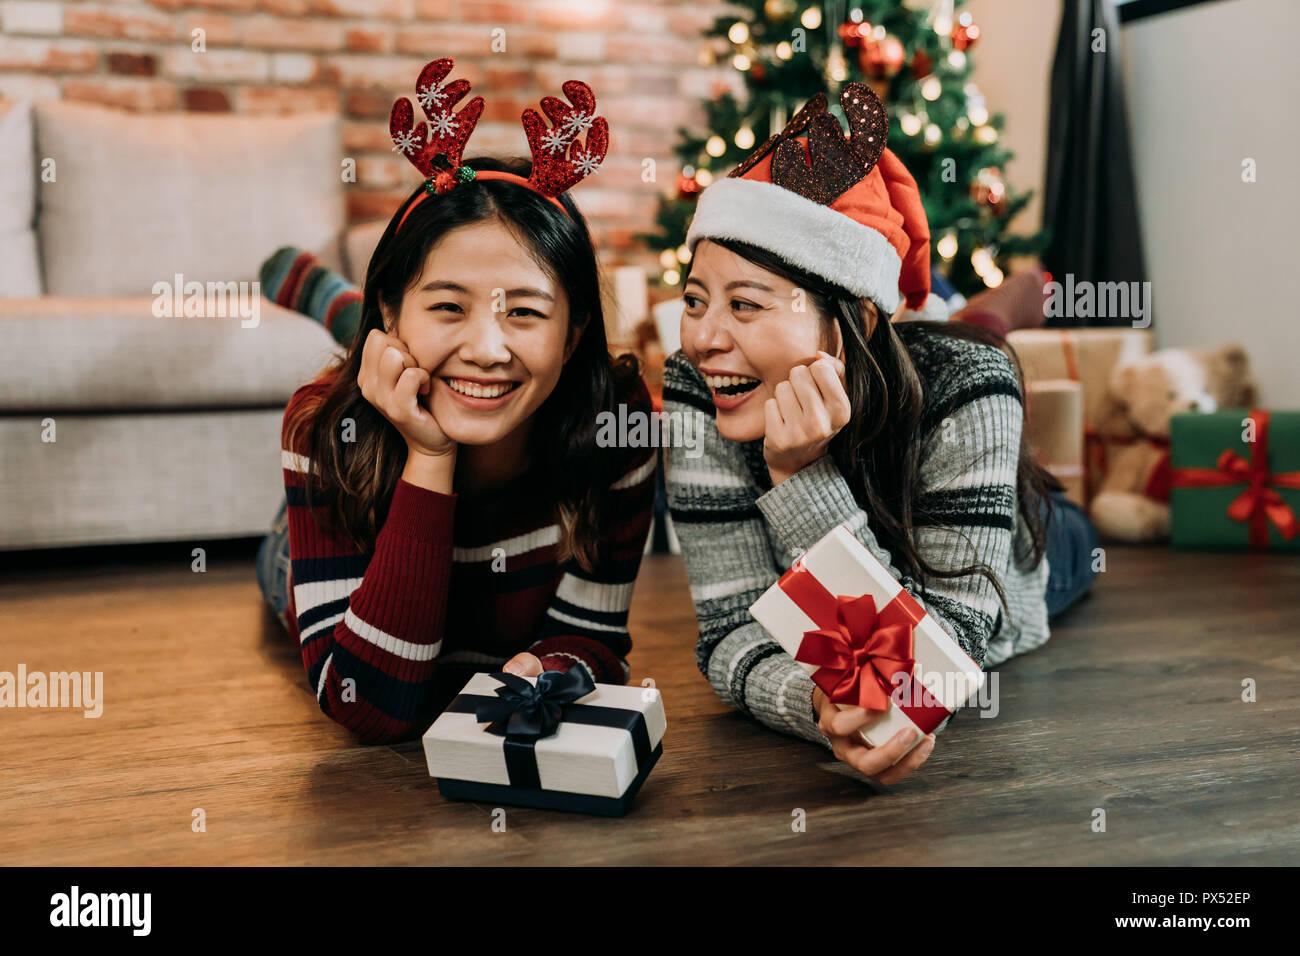 Zwei Freunde auf dem Holzboden Weihnachten zu Hause feiern ...